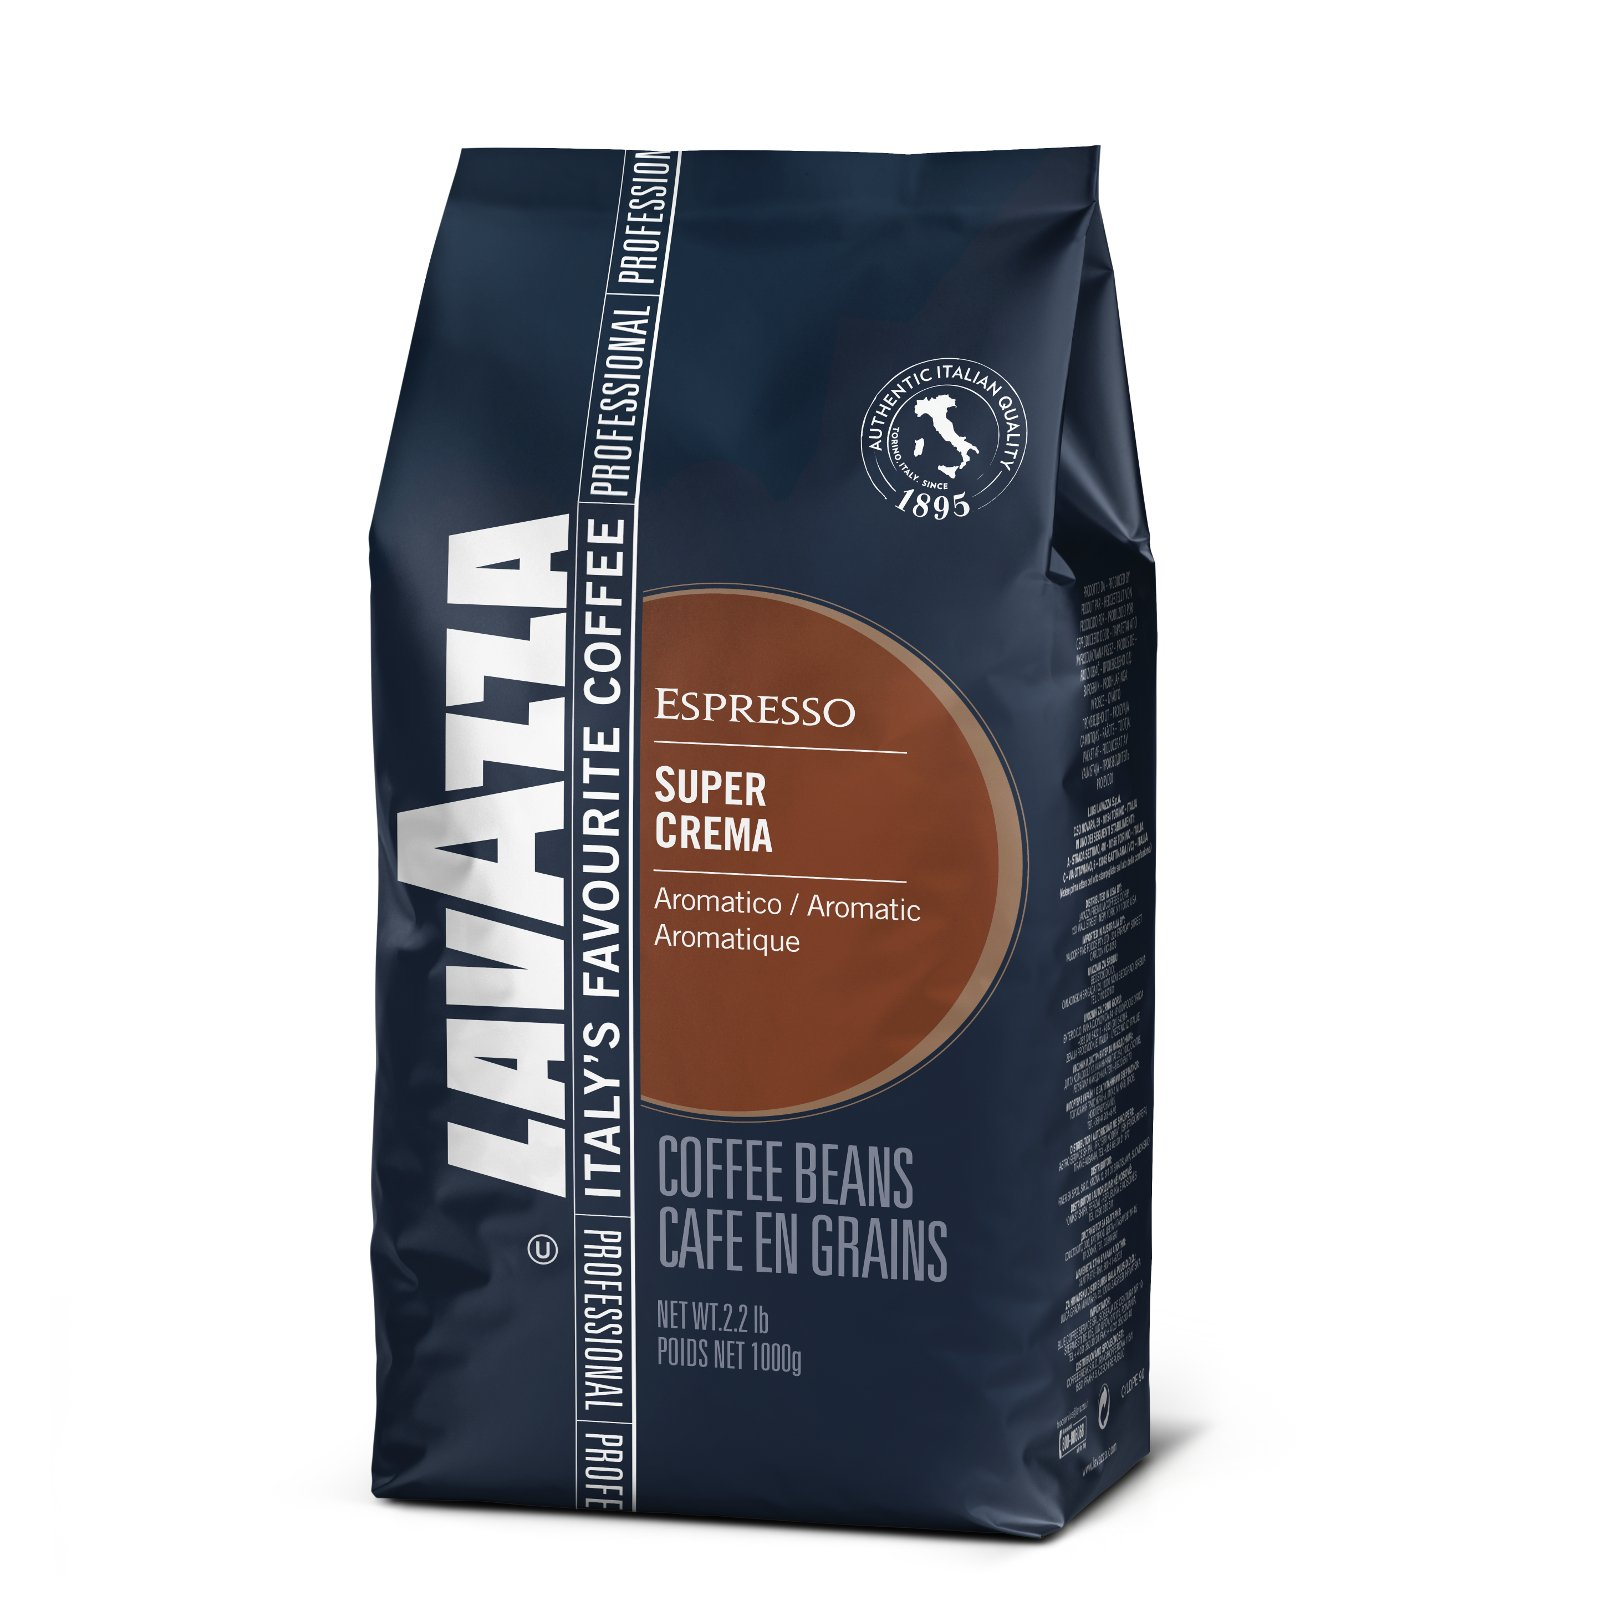 Lavazza Coffee Espresso Super Crema, Whole Beans, Pack of 8, 8 x 1000g